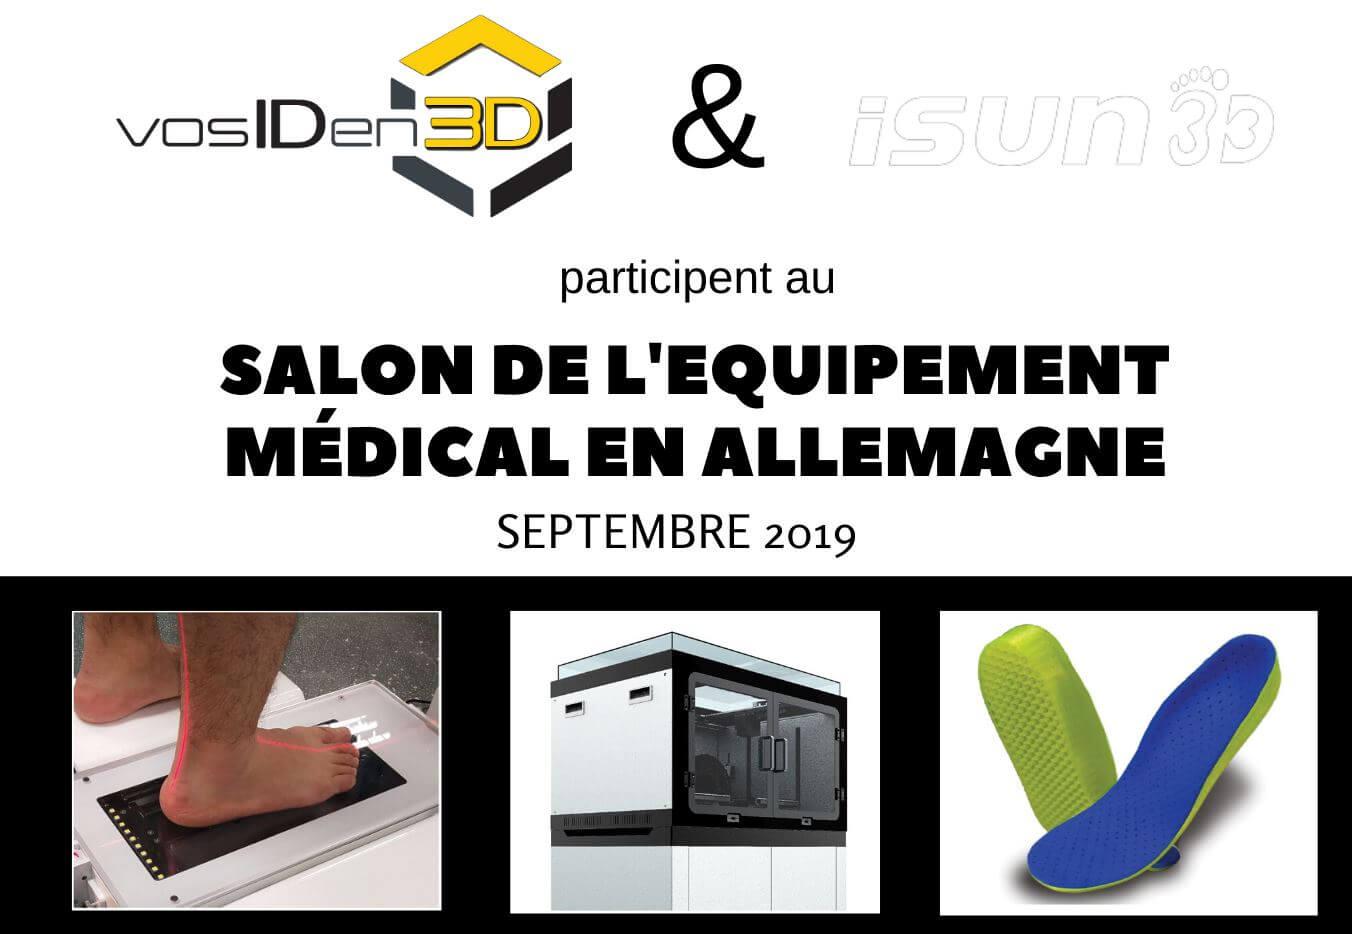 Semelles orthopédiques en impression 3D au Salon de l'Equipement médical en Allemagne